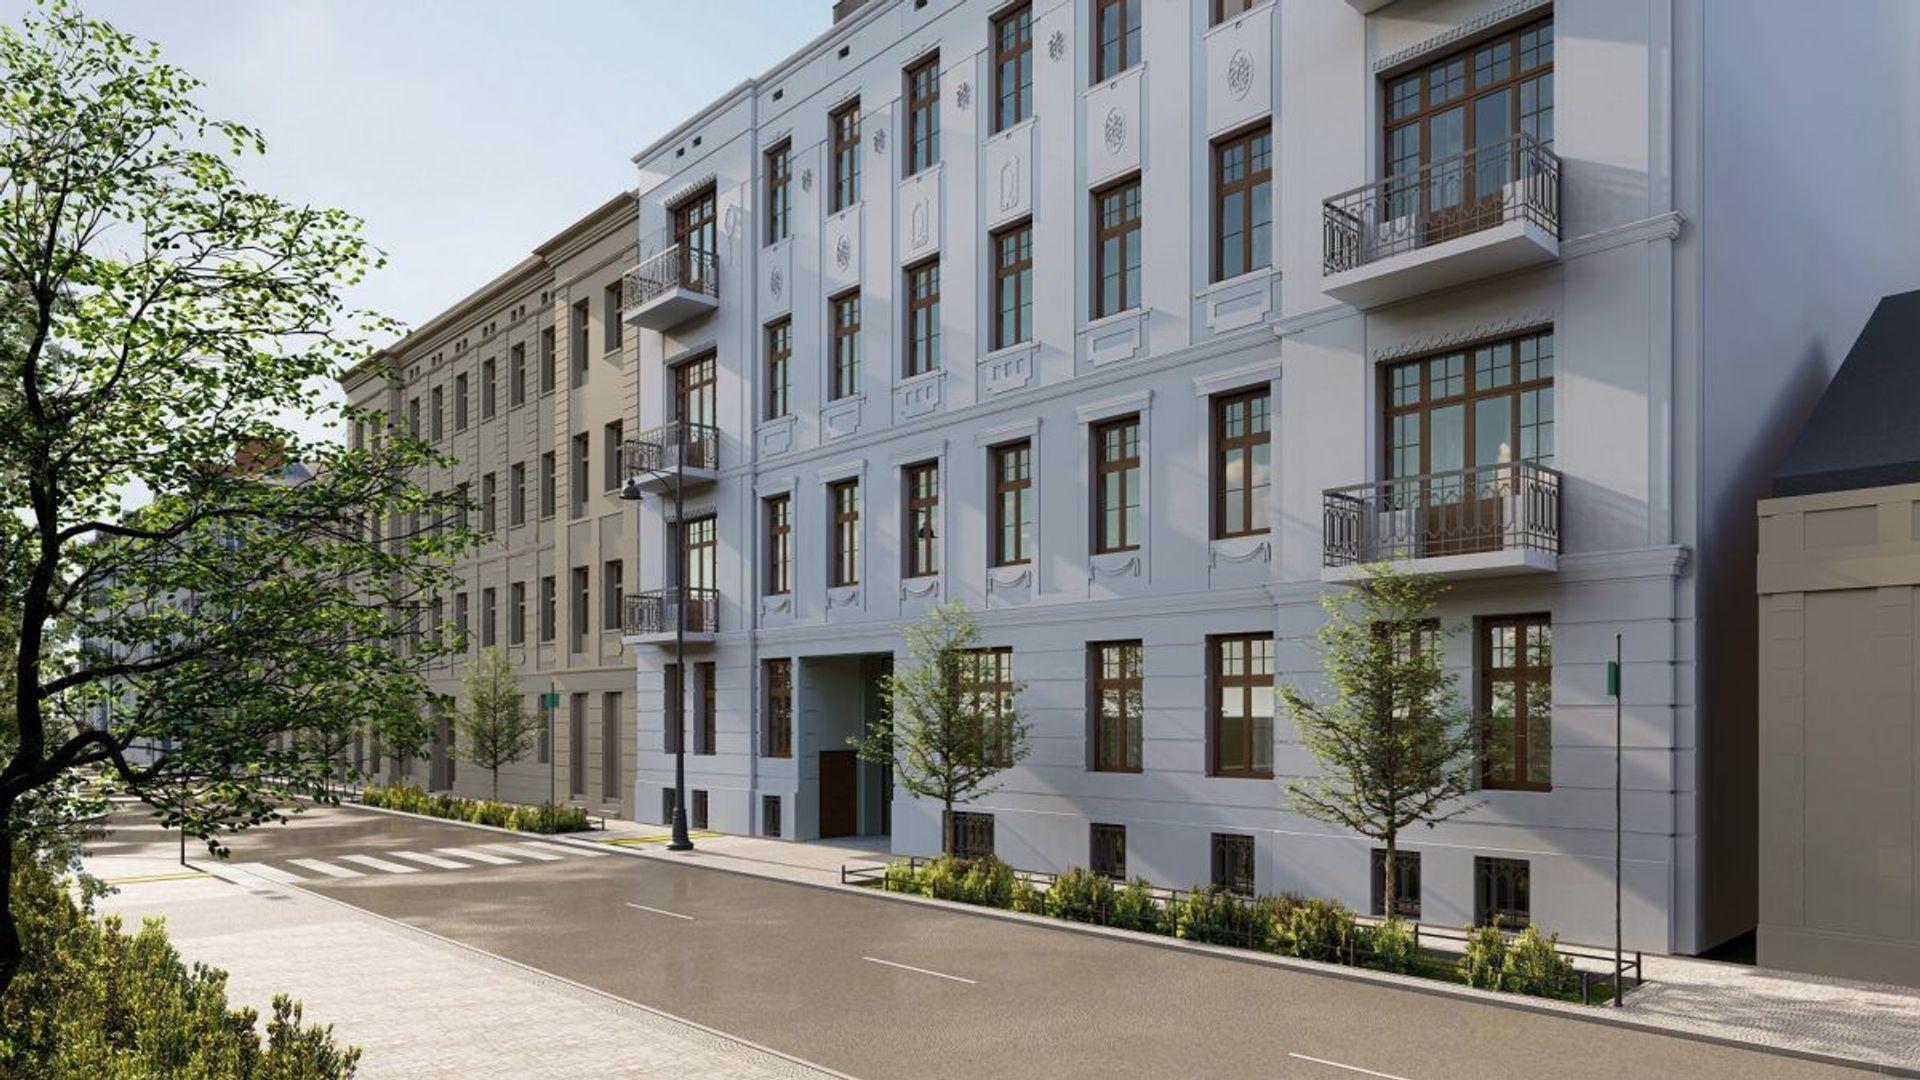 Łódź: Kamienica przy ulicy Nawrot 34 w dzielnicy Widzew przejdzie remont